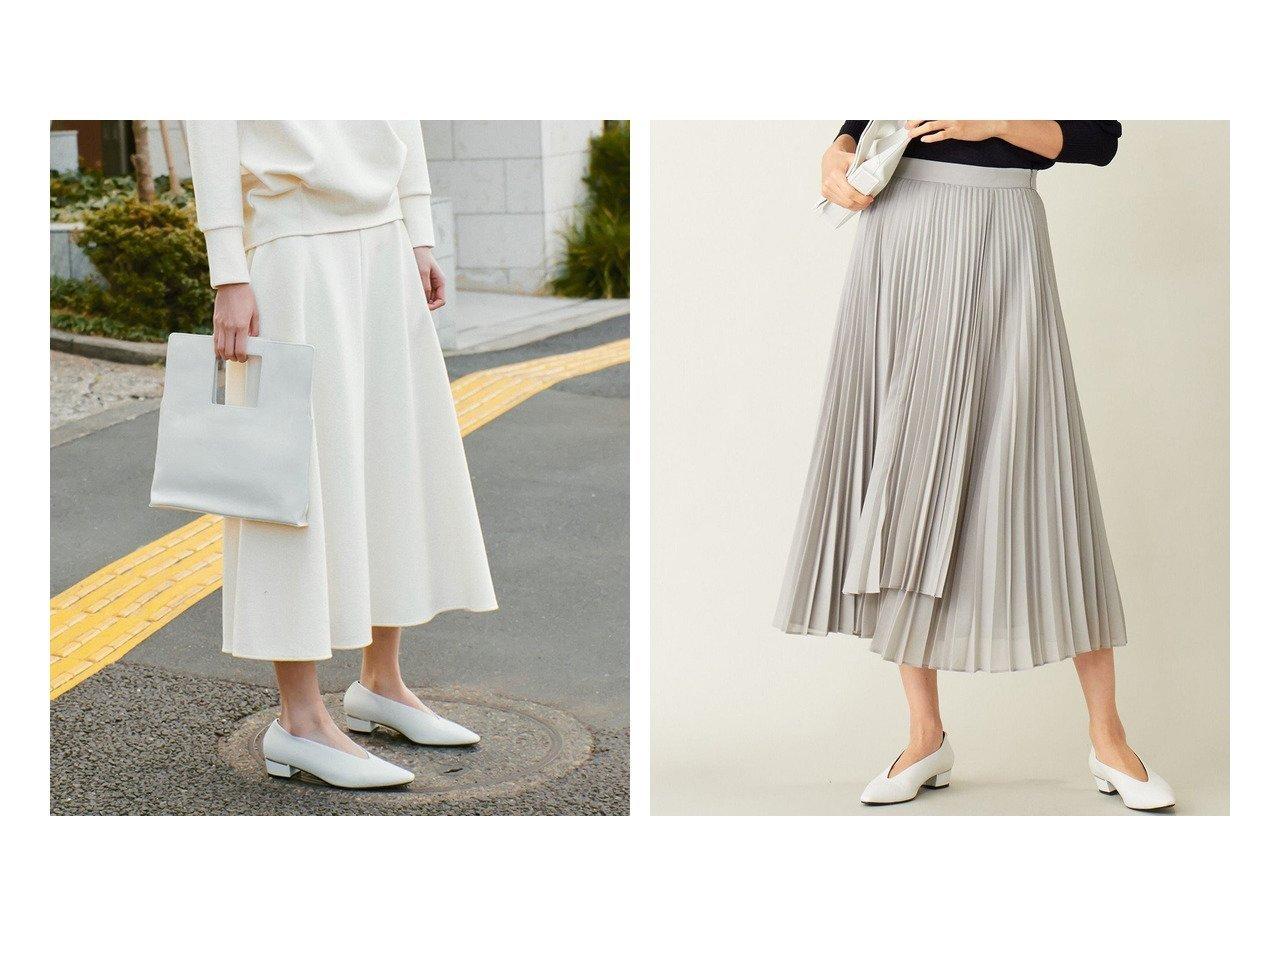 【iCB/アイシービー】の【洗える】Loop フレア スカート&【洗える】 Airy Voile プリーツフレアスカート 【スカート】おすすめ!人気、トレンド・レディースファッションの通販 おすすめで人気の流行・トレンド、ファッションの通販商品 メンズファッション・キッズファッション・インテリア・家具・レディースファッション・服の通販 founy(ファニー) https://founy.com/ ファッション Fashion レディースファッション WOMEN スカート Skirt Aライン/フレアスカート Flared A-Line Skirts プリーツスカート Pleated Skirts エレガント 春 Spring 洗える シルク シンプル スニーカー パーカー プリーツ マキシ 2021年 2021 S/S・春夏 SS・Spring/Summer 2021春夏・S/S SS/Spring/Summer/2021 送料無料 Free Shipping おすすめ Recommend ストレッチ セットアップ ドレープ フレア ロング |ID:crp329100000035454